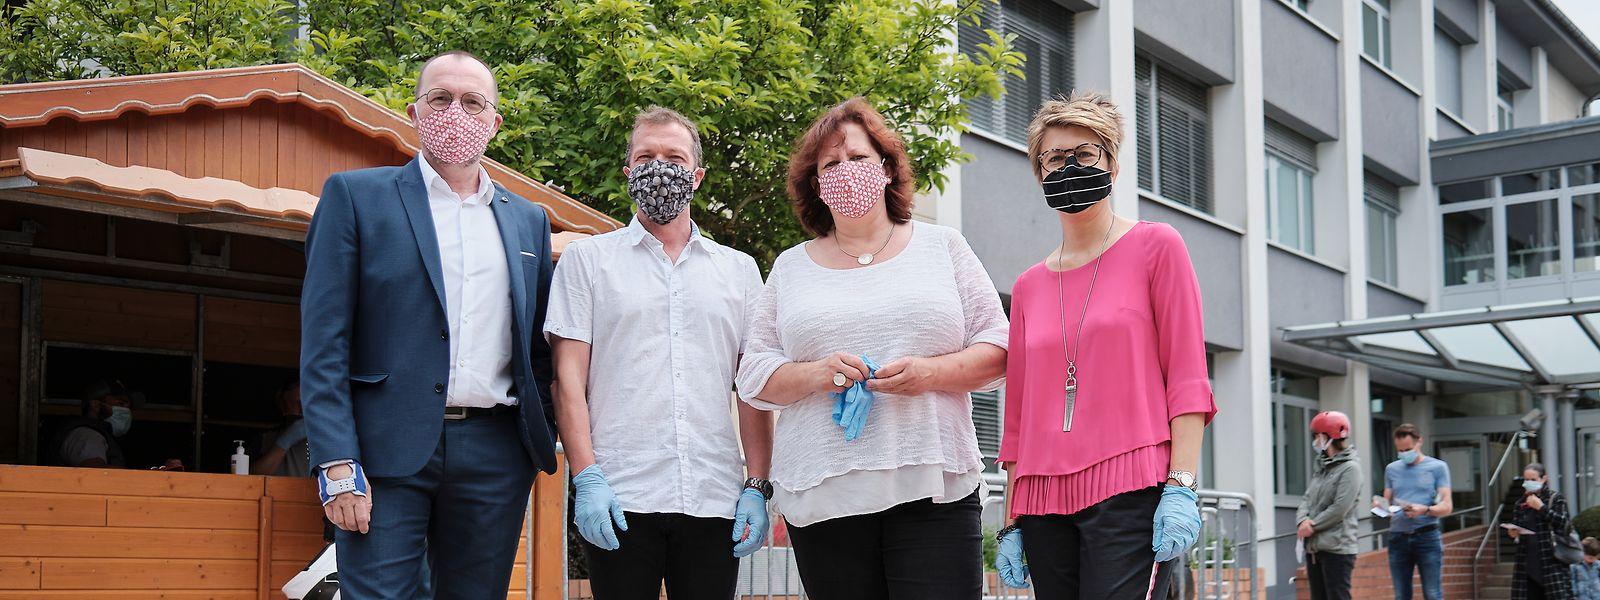 Bürgermeister Georges Engel und die Schöffen Mike Lorang, Simone Asselborn-Bintz und Nathalie Morgenthaler (v.l.n.r.) haben bei der Maskenverteilung vor dem Rathaus in Beles geholfen.